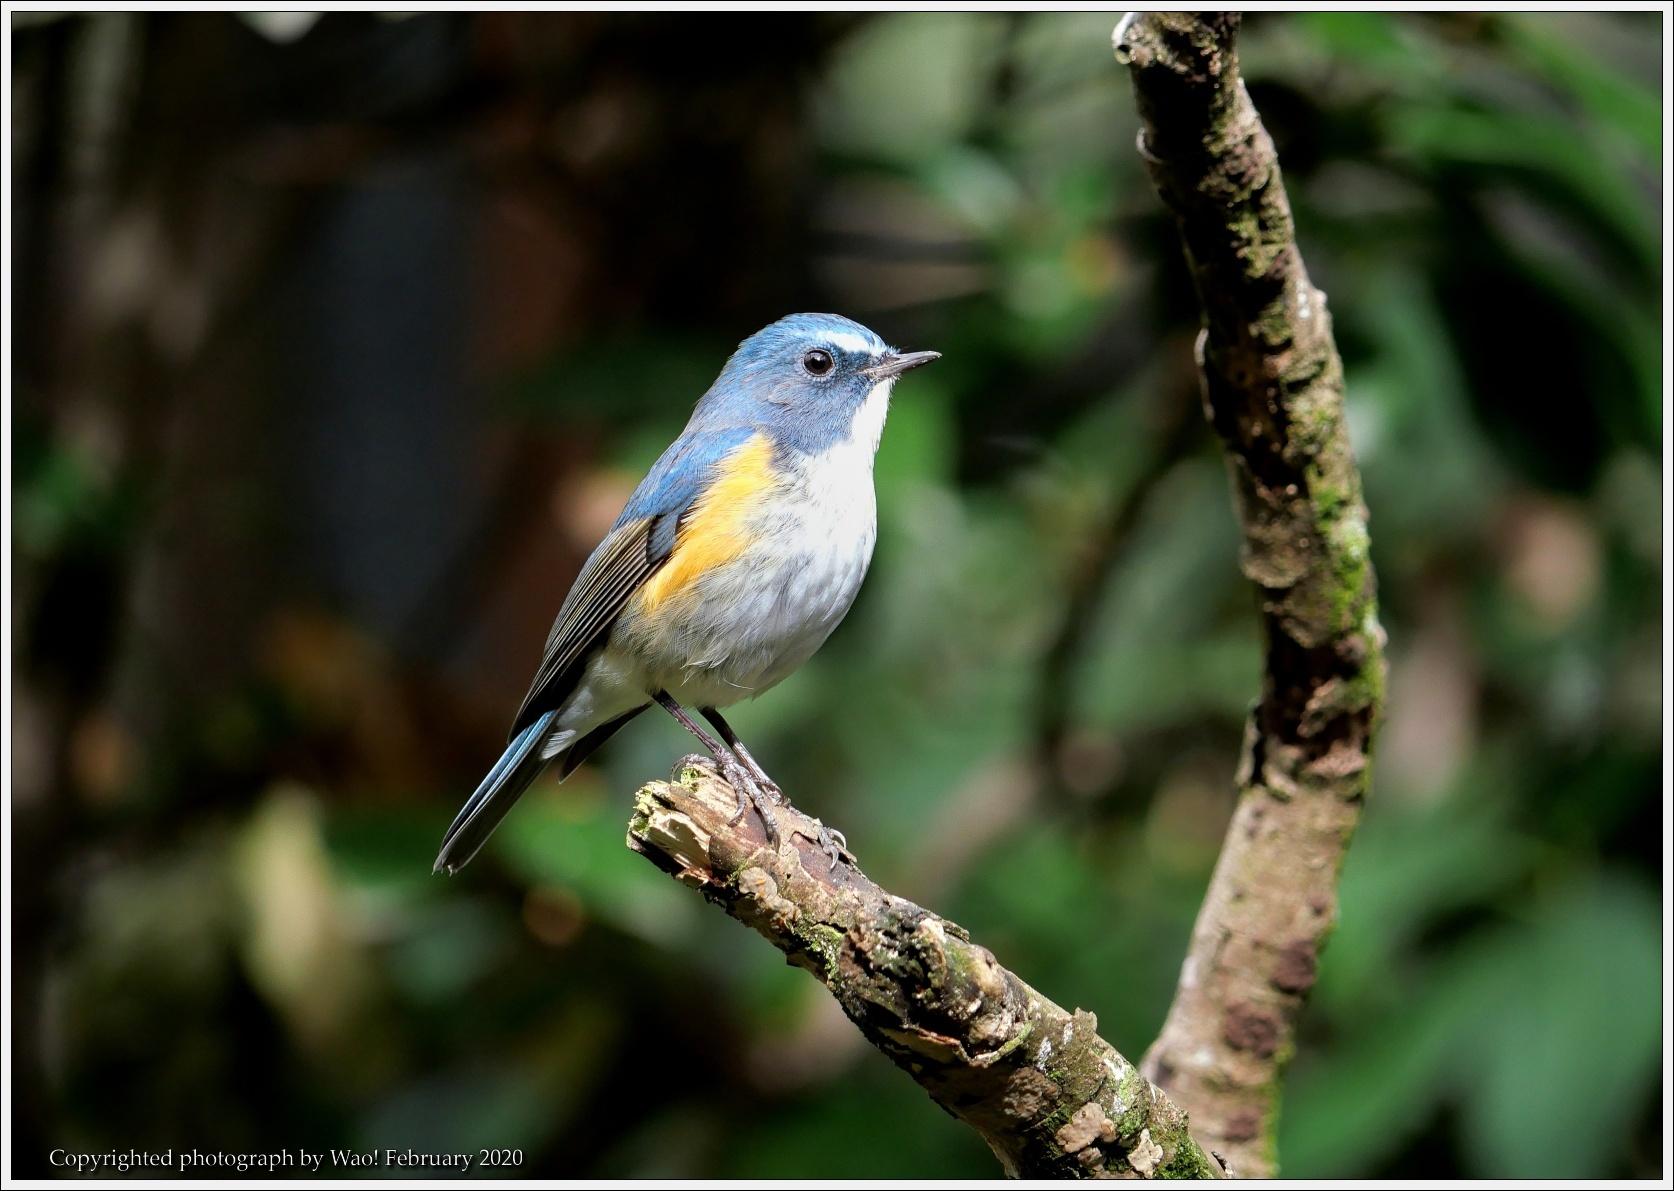 野鳥園のルリ・コマ・キビタキ_c0198669_14152749.jpg